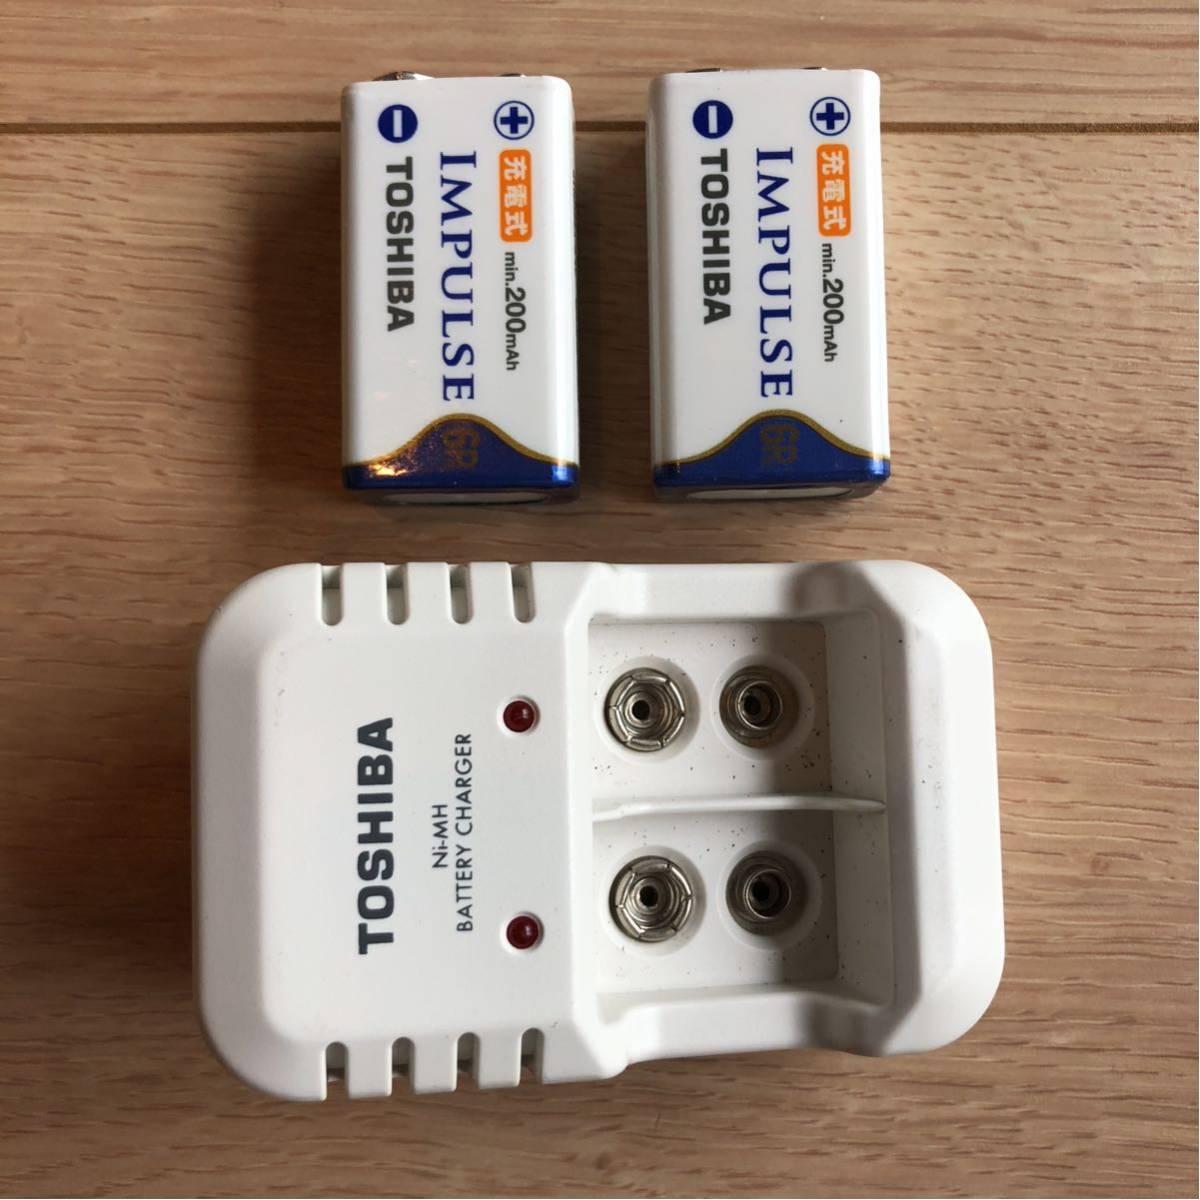 【1円スタート】【充電器+充電池二個】東芝 TOSHIBA IMPULSE インパルス TNHC-622SC 6P形専用、6TNH22A ニッケル水素電池 6P形【使用少】